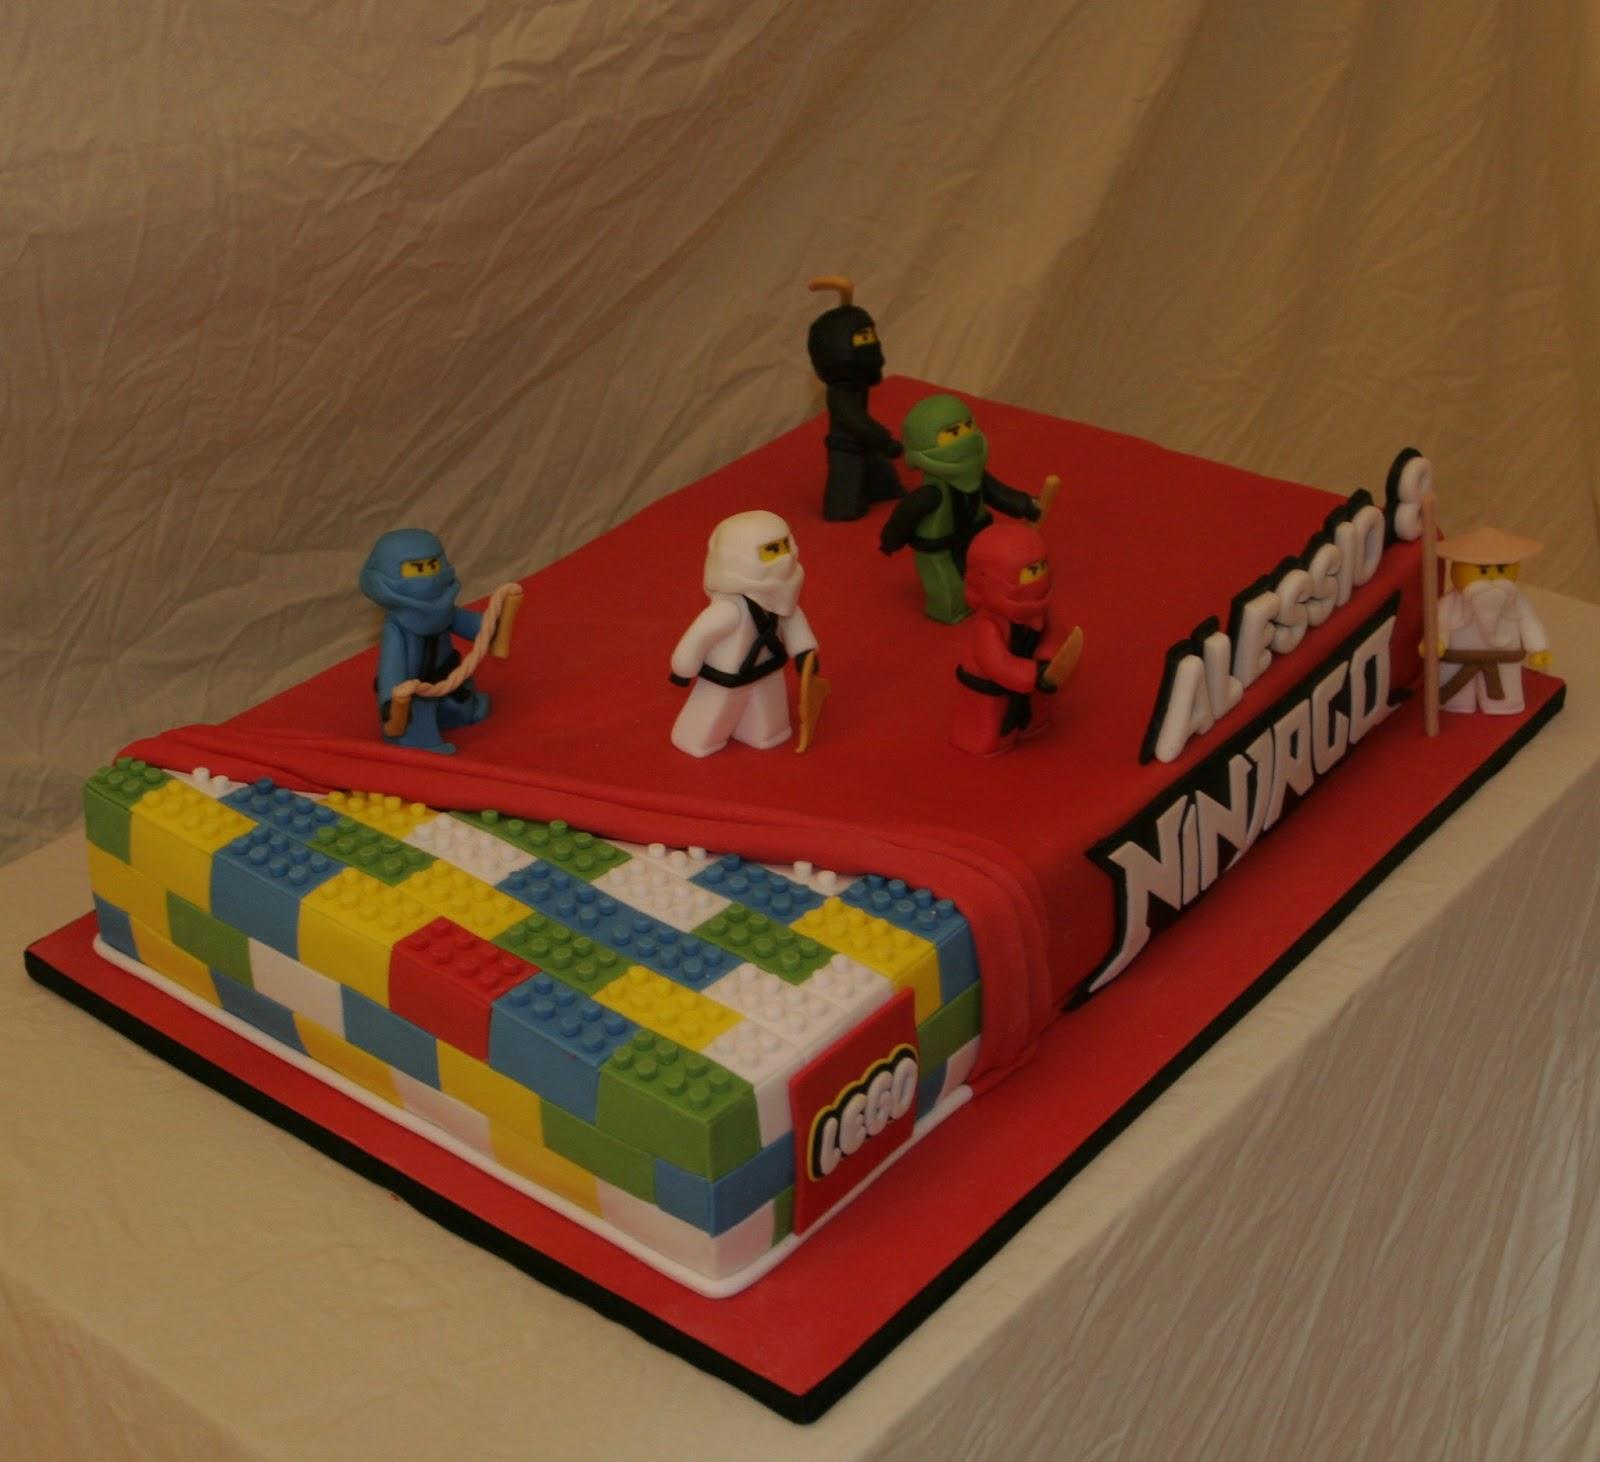 Lego ninjago cake ma che torte for Decorazioni torte ninjago